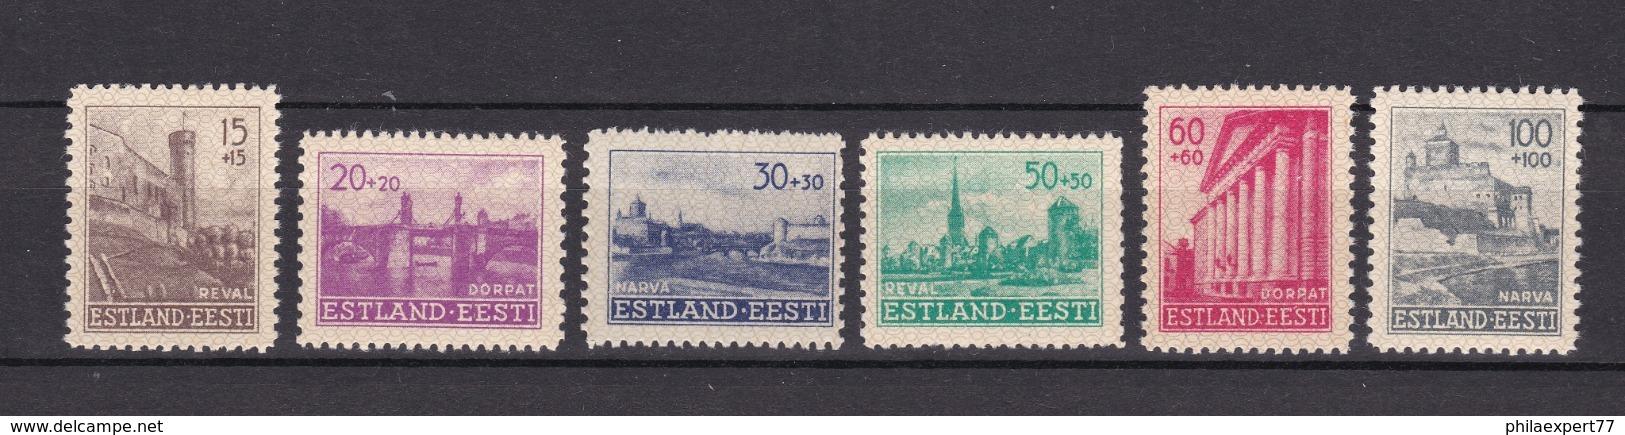 Estland - 1941 - Michel Nr. 4/9 - Postfrisch - Occupation 1938-45